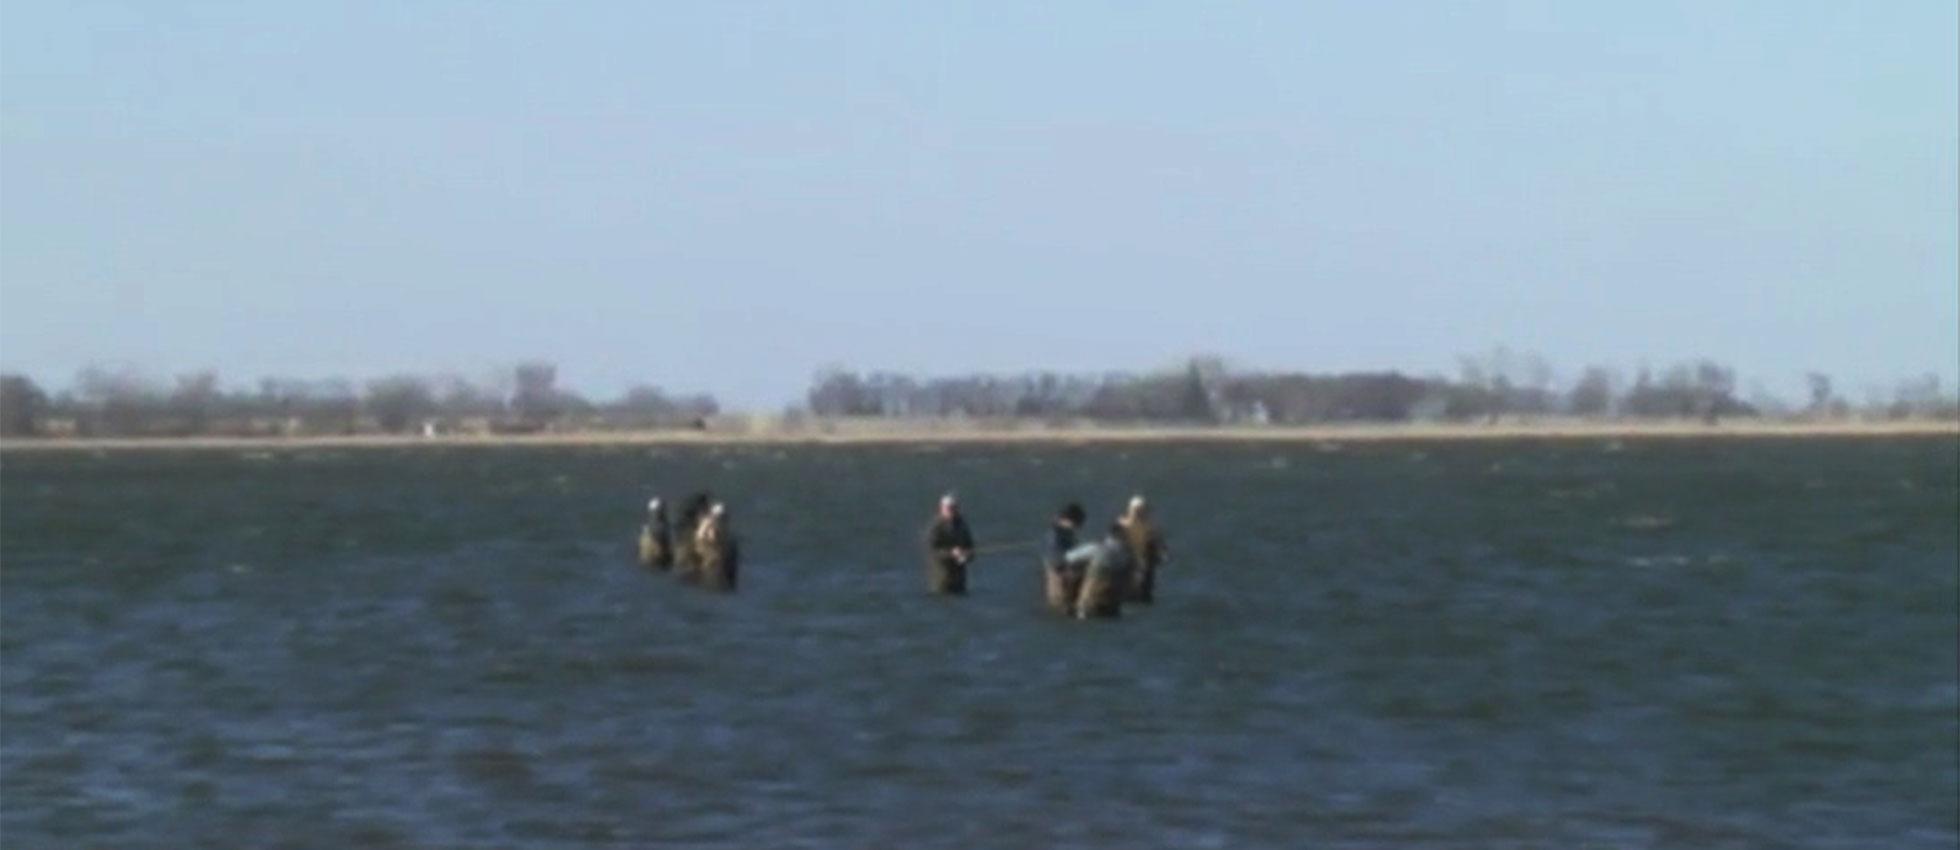 Anglers Angry Over Lake Closures